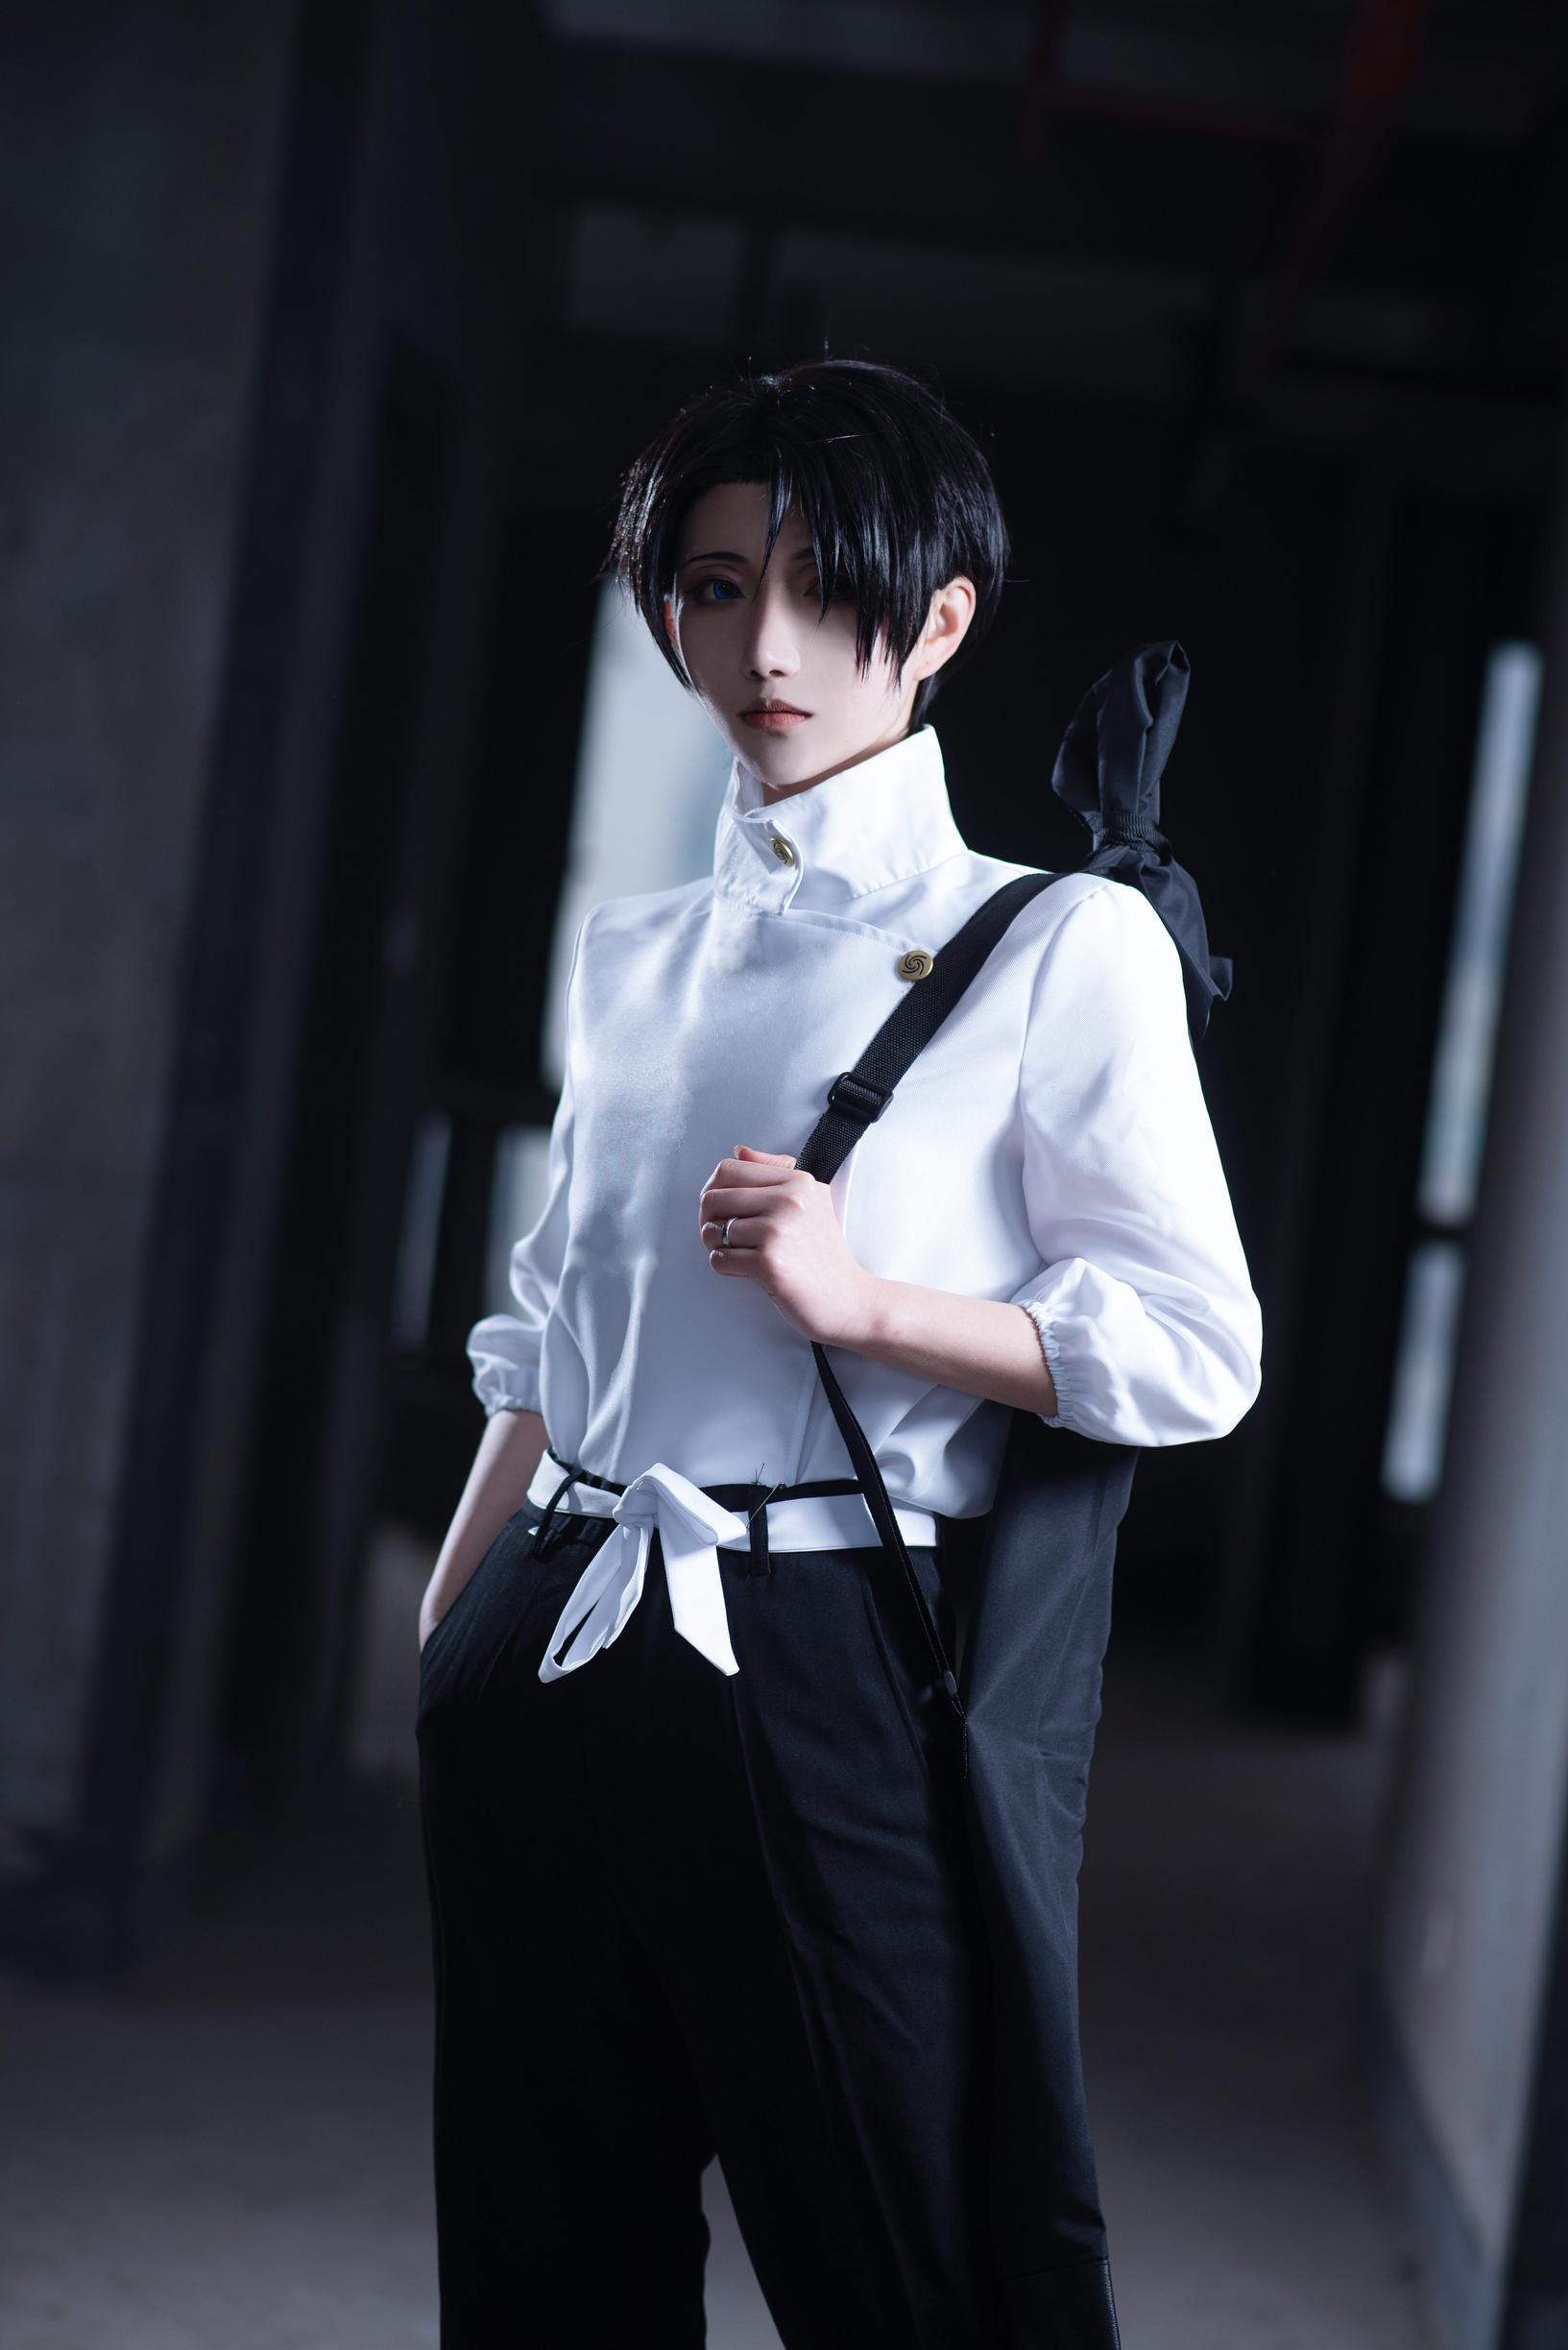 《咒术回战》正片cosplay【CN:物部弥生】-第8张